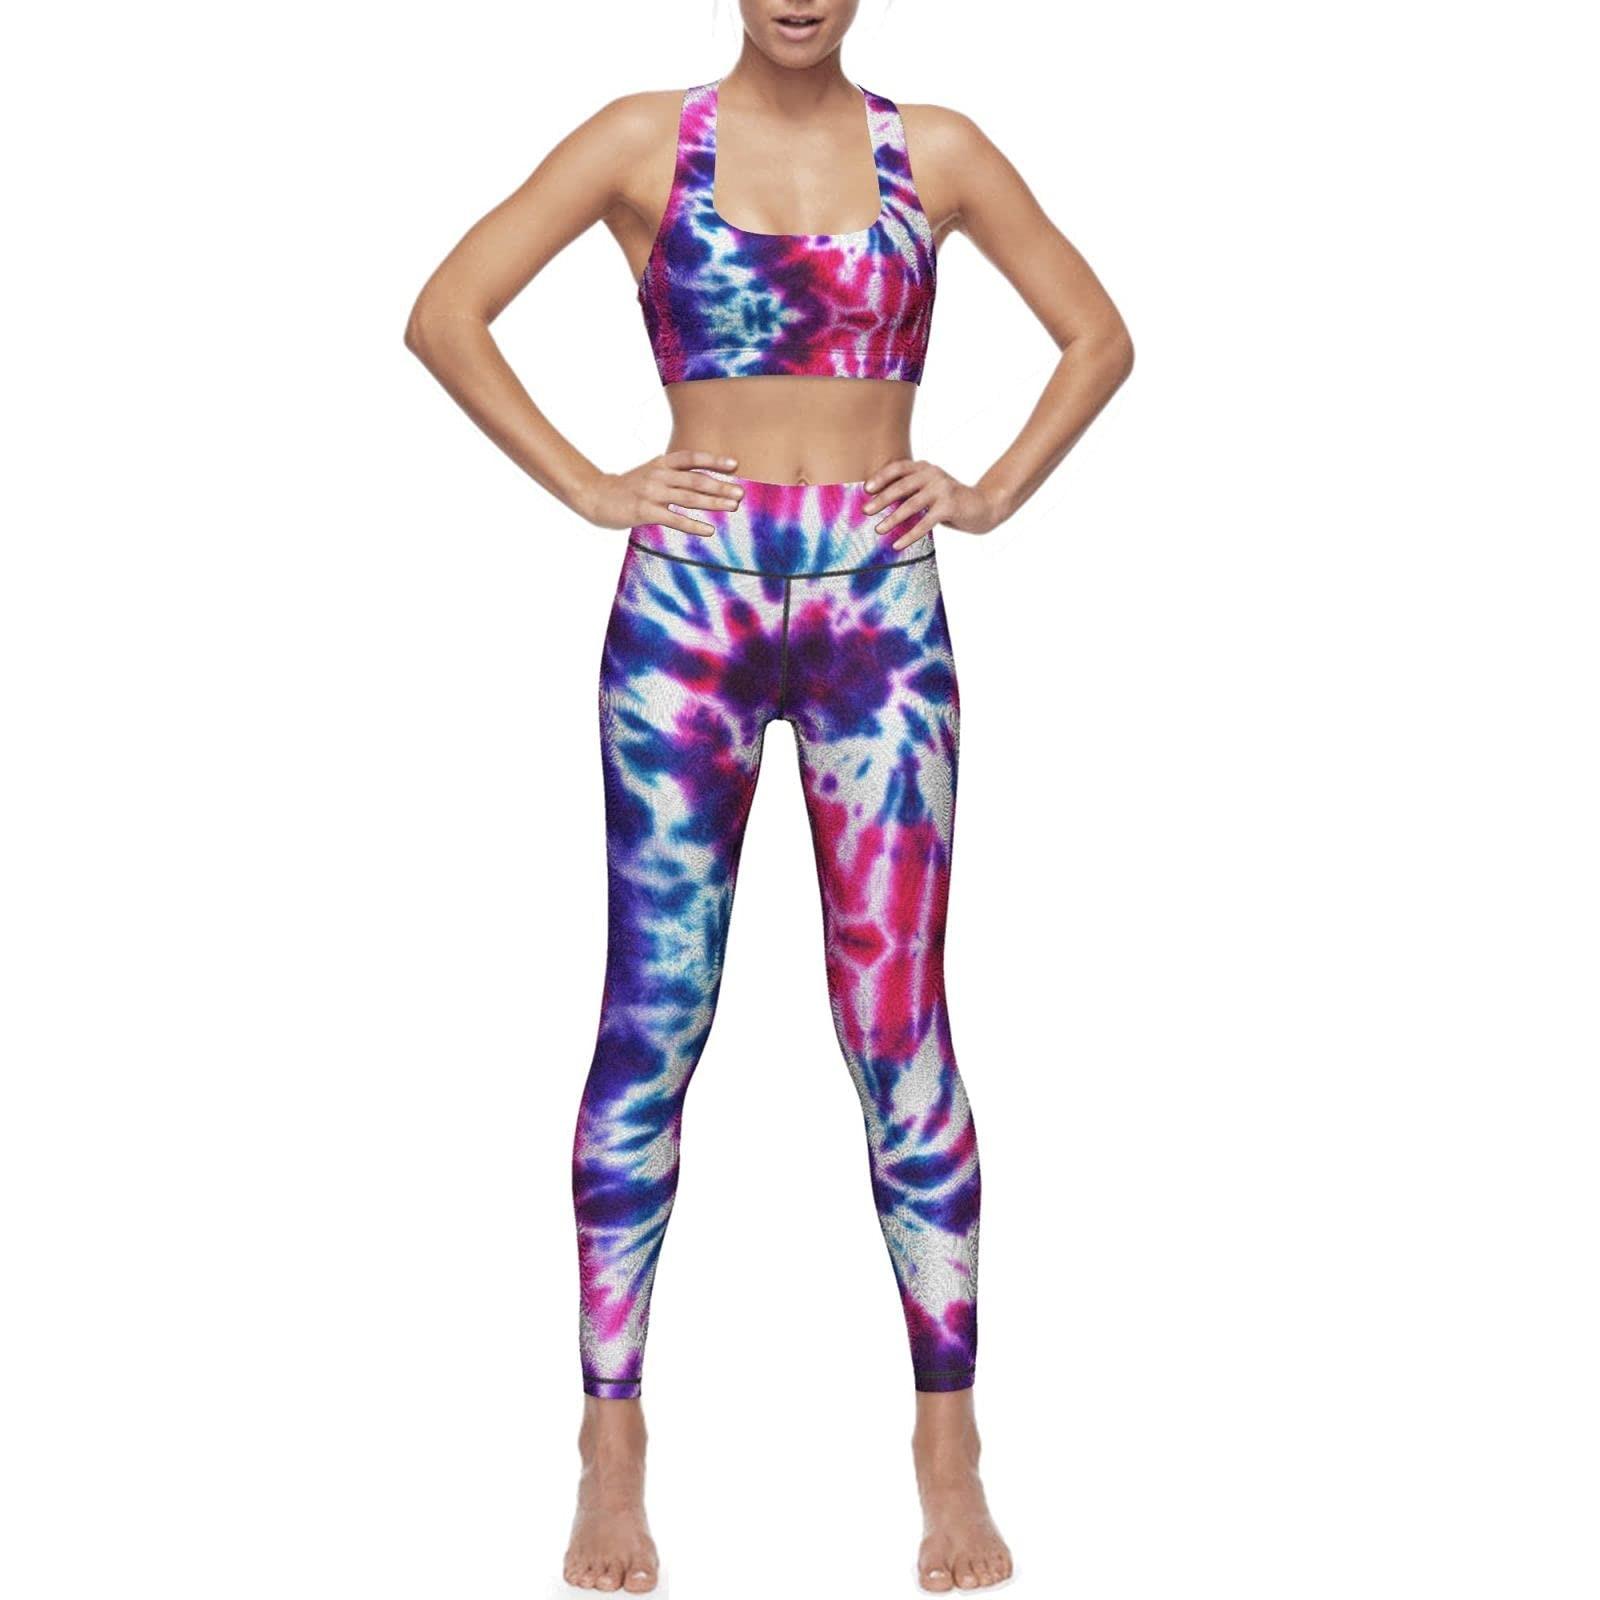 2021 цветная Женская одежда для йоги с леопардовым принтом, бесшовный спортивный бюстгальтер и колготки с подкладкой для груди